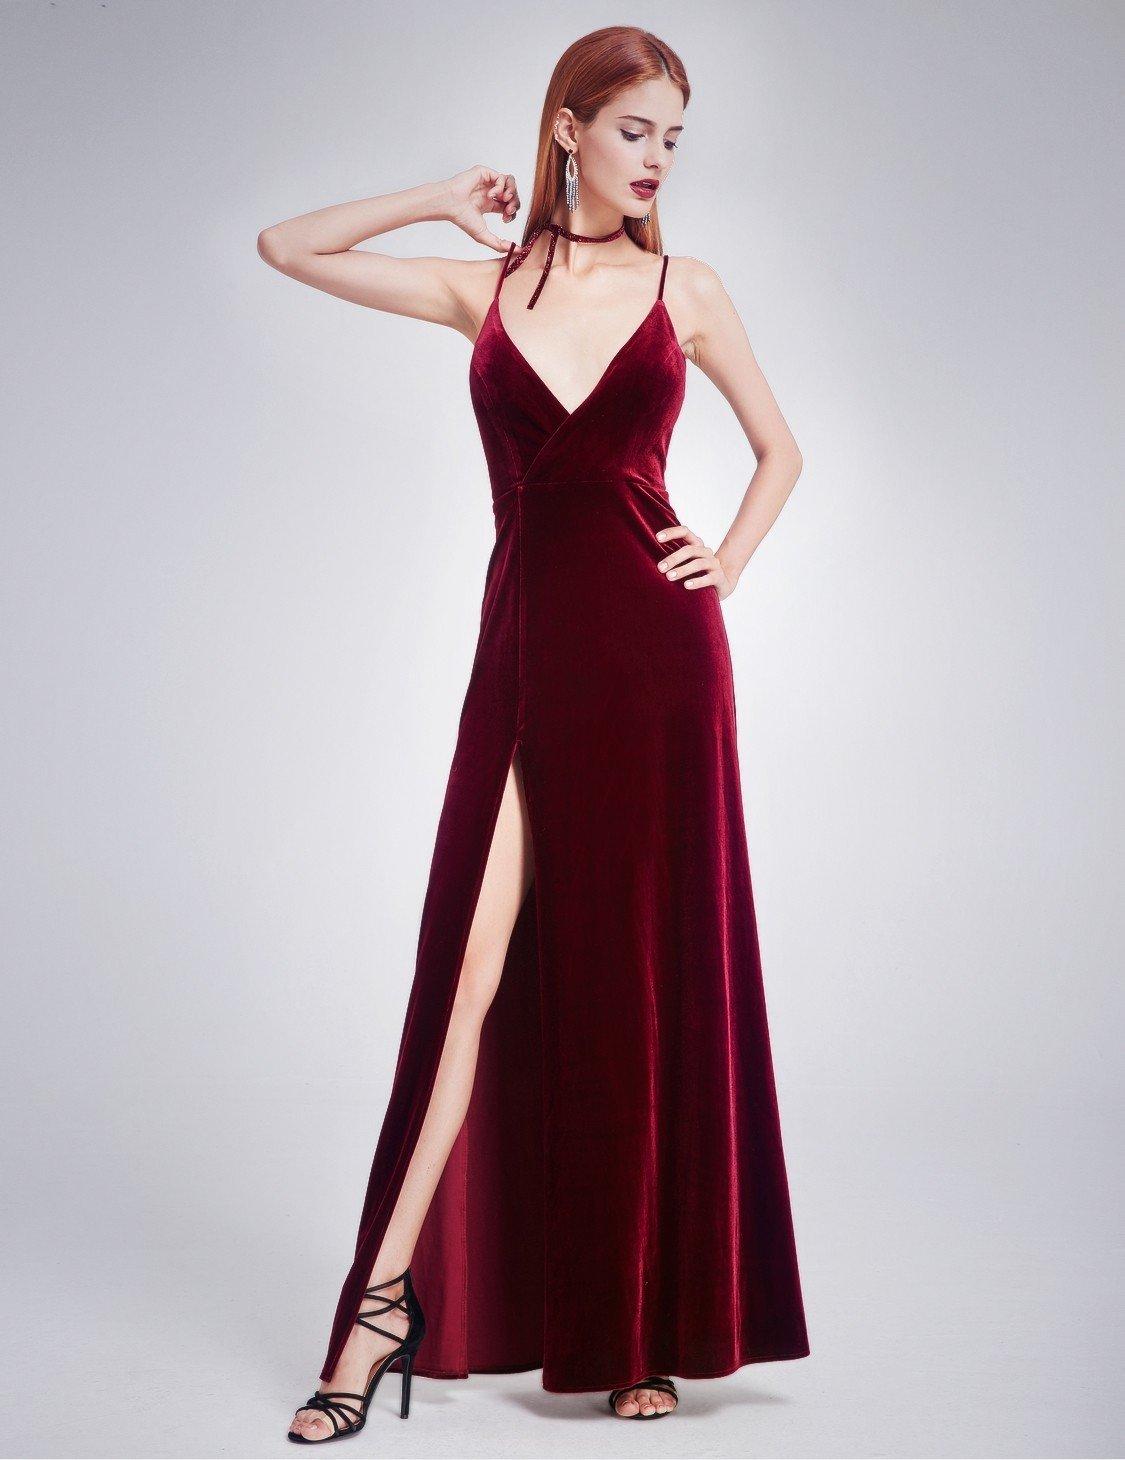 вечерние платья 2018 2019: модное красное бархат на тонких бретельках